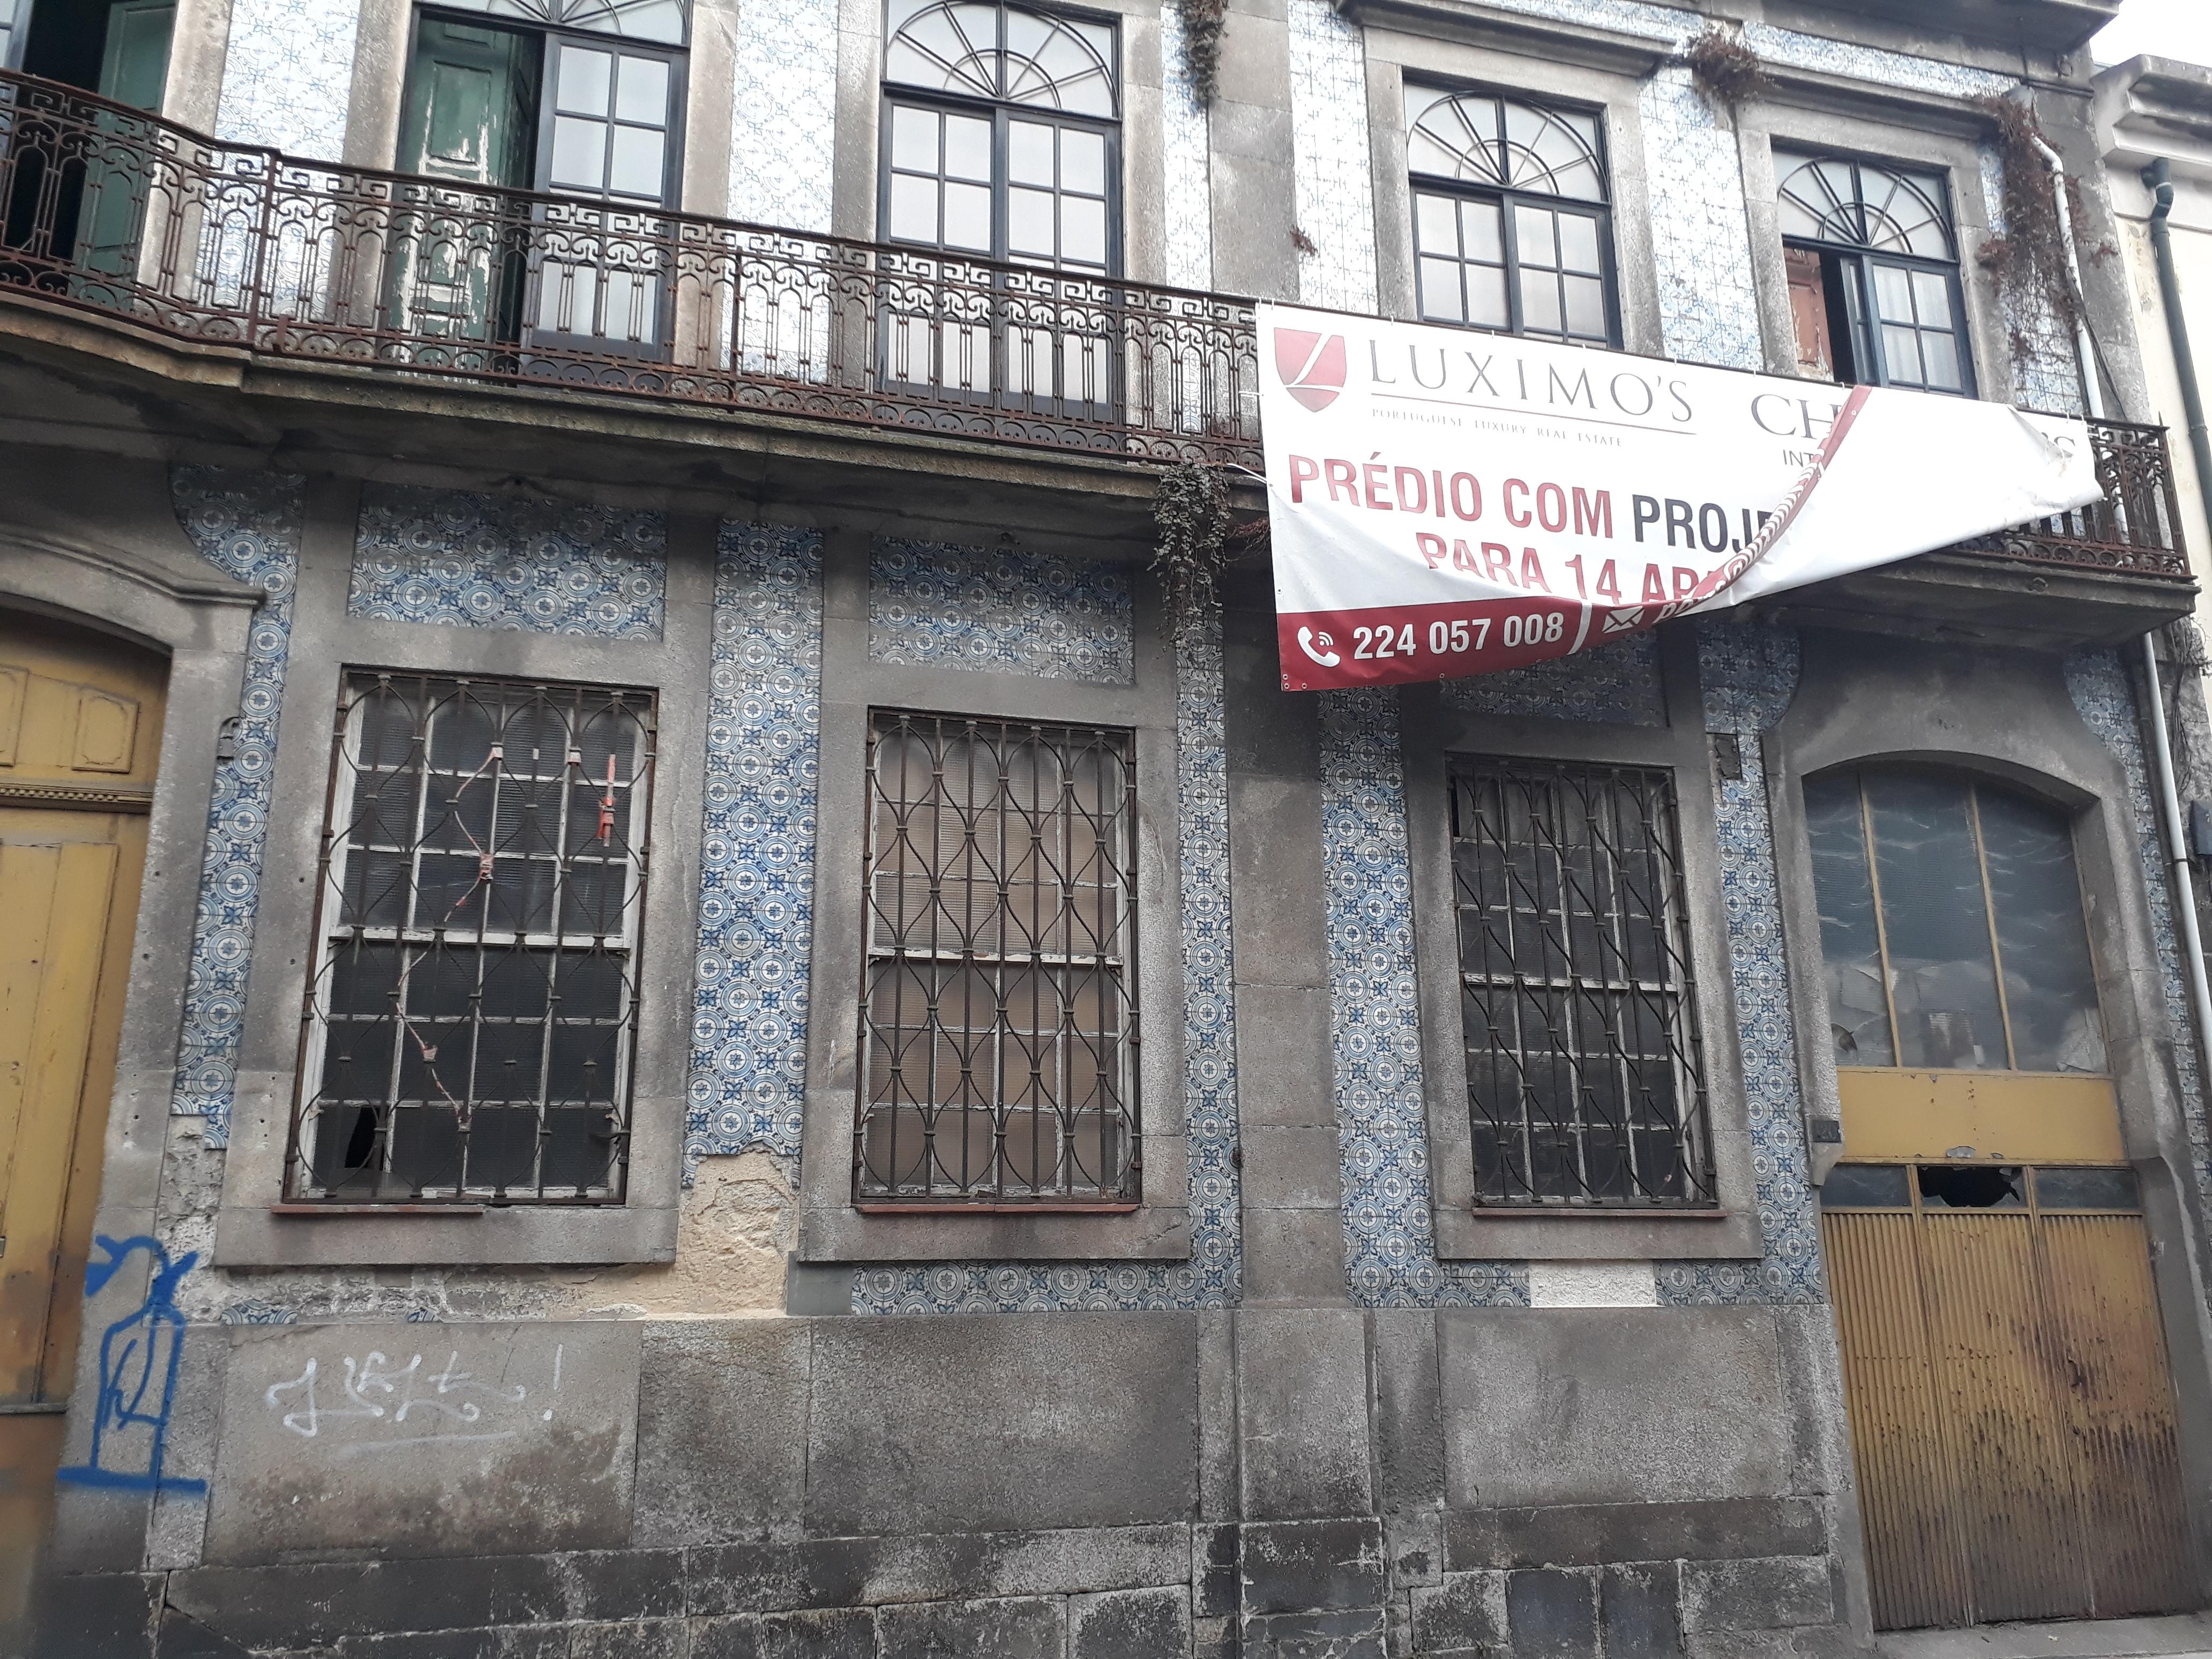 O imóvel devoluto há anos e em avançado estado de degradação / Elisabete Soares